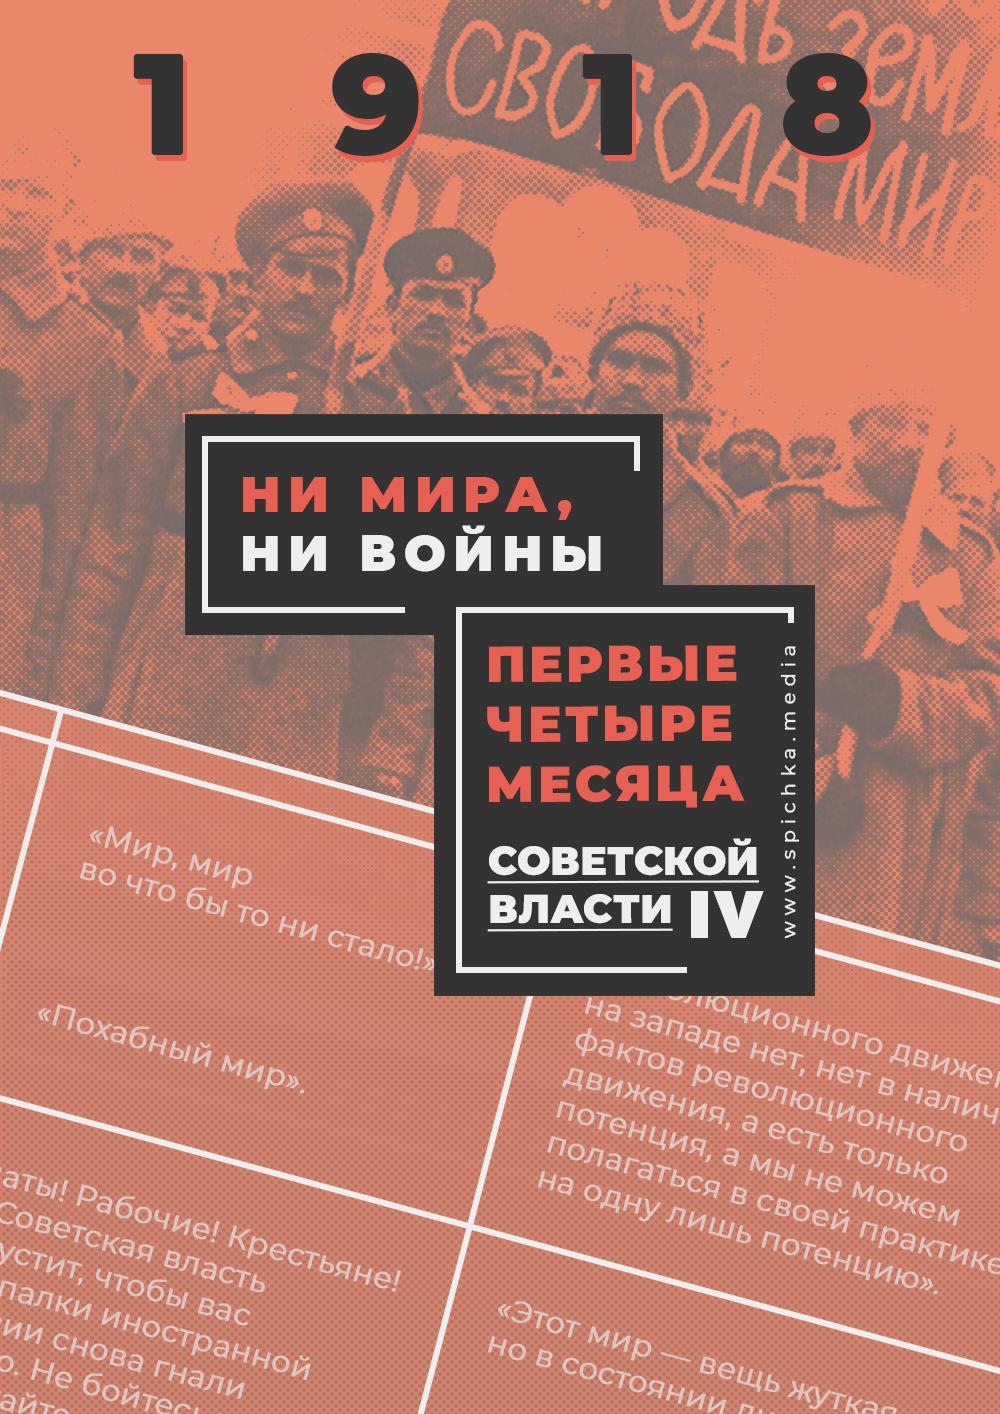 Первые четыре месяца Советской власти. Глава IV